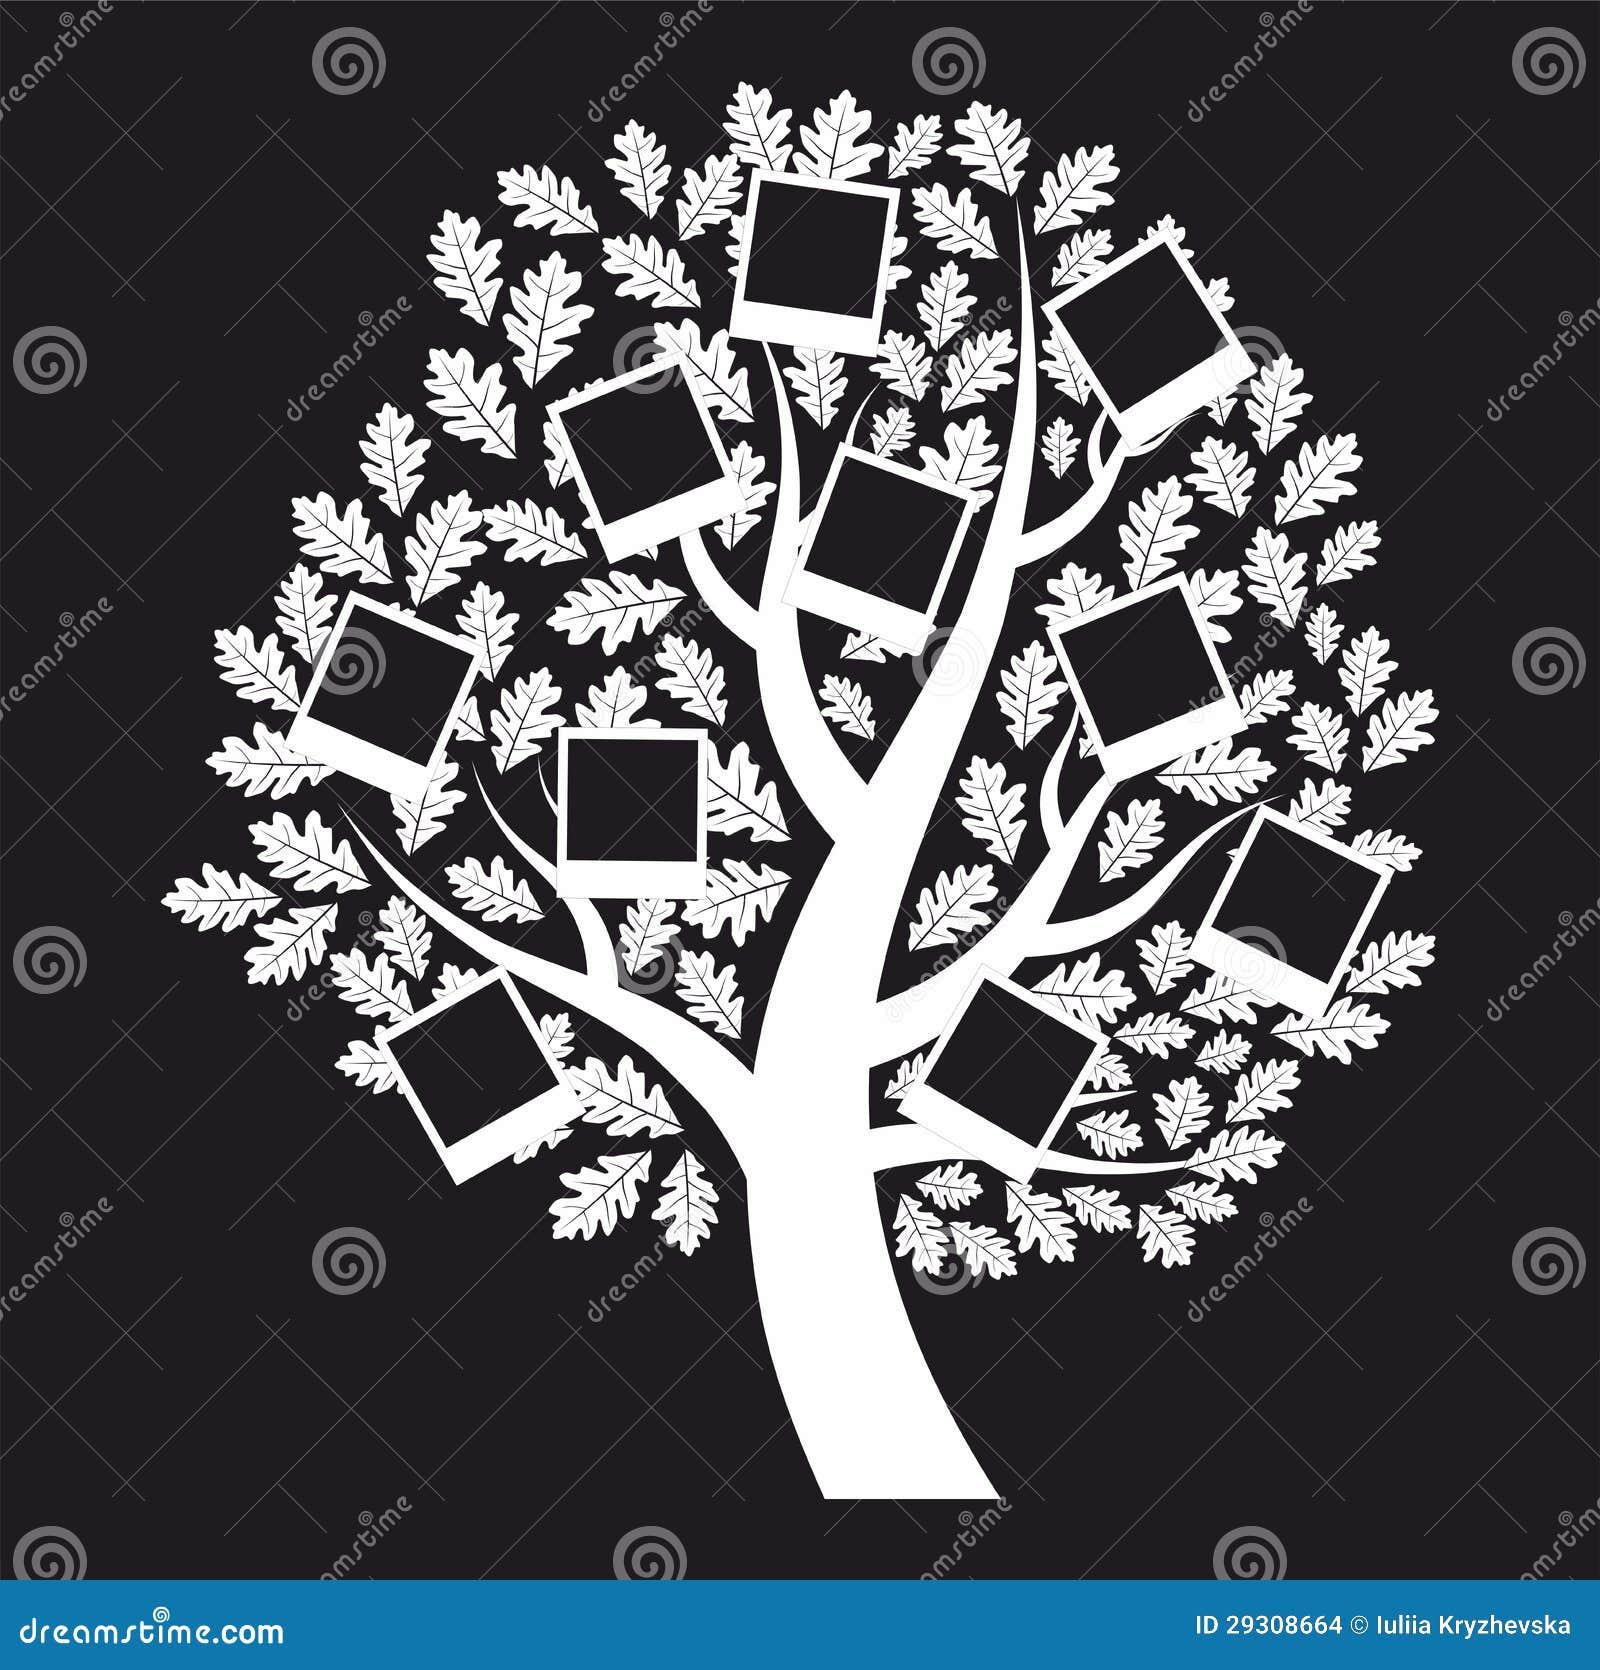 Resultado de imagen de imagen árbol genealógico digital